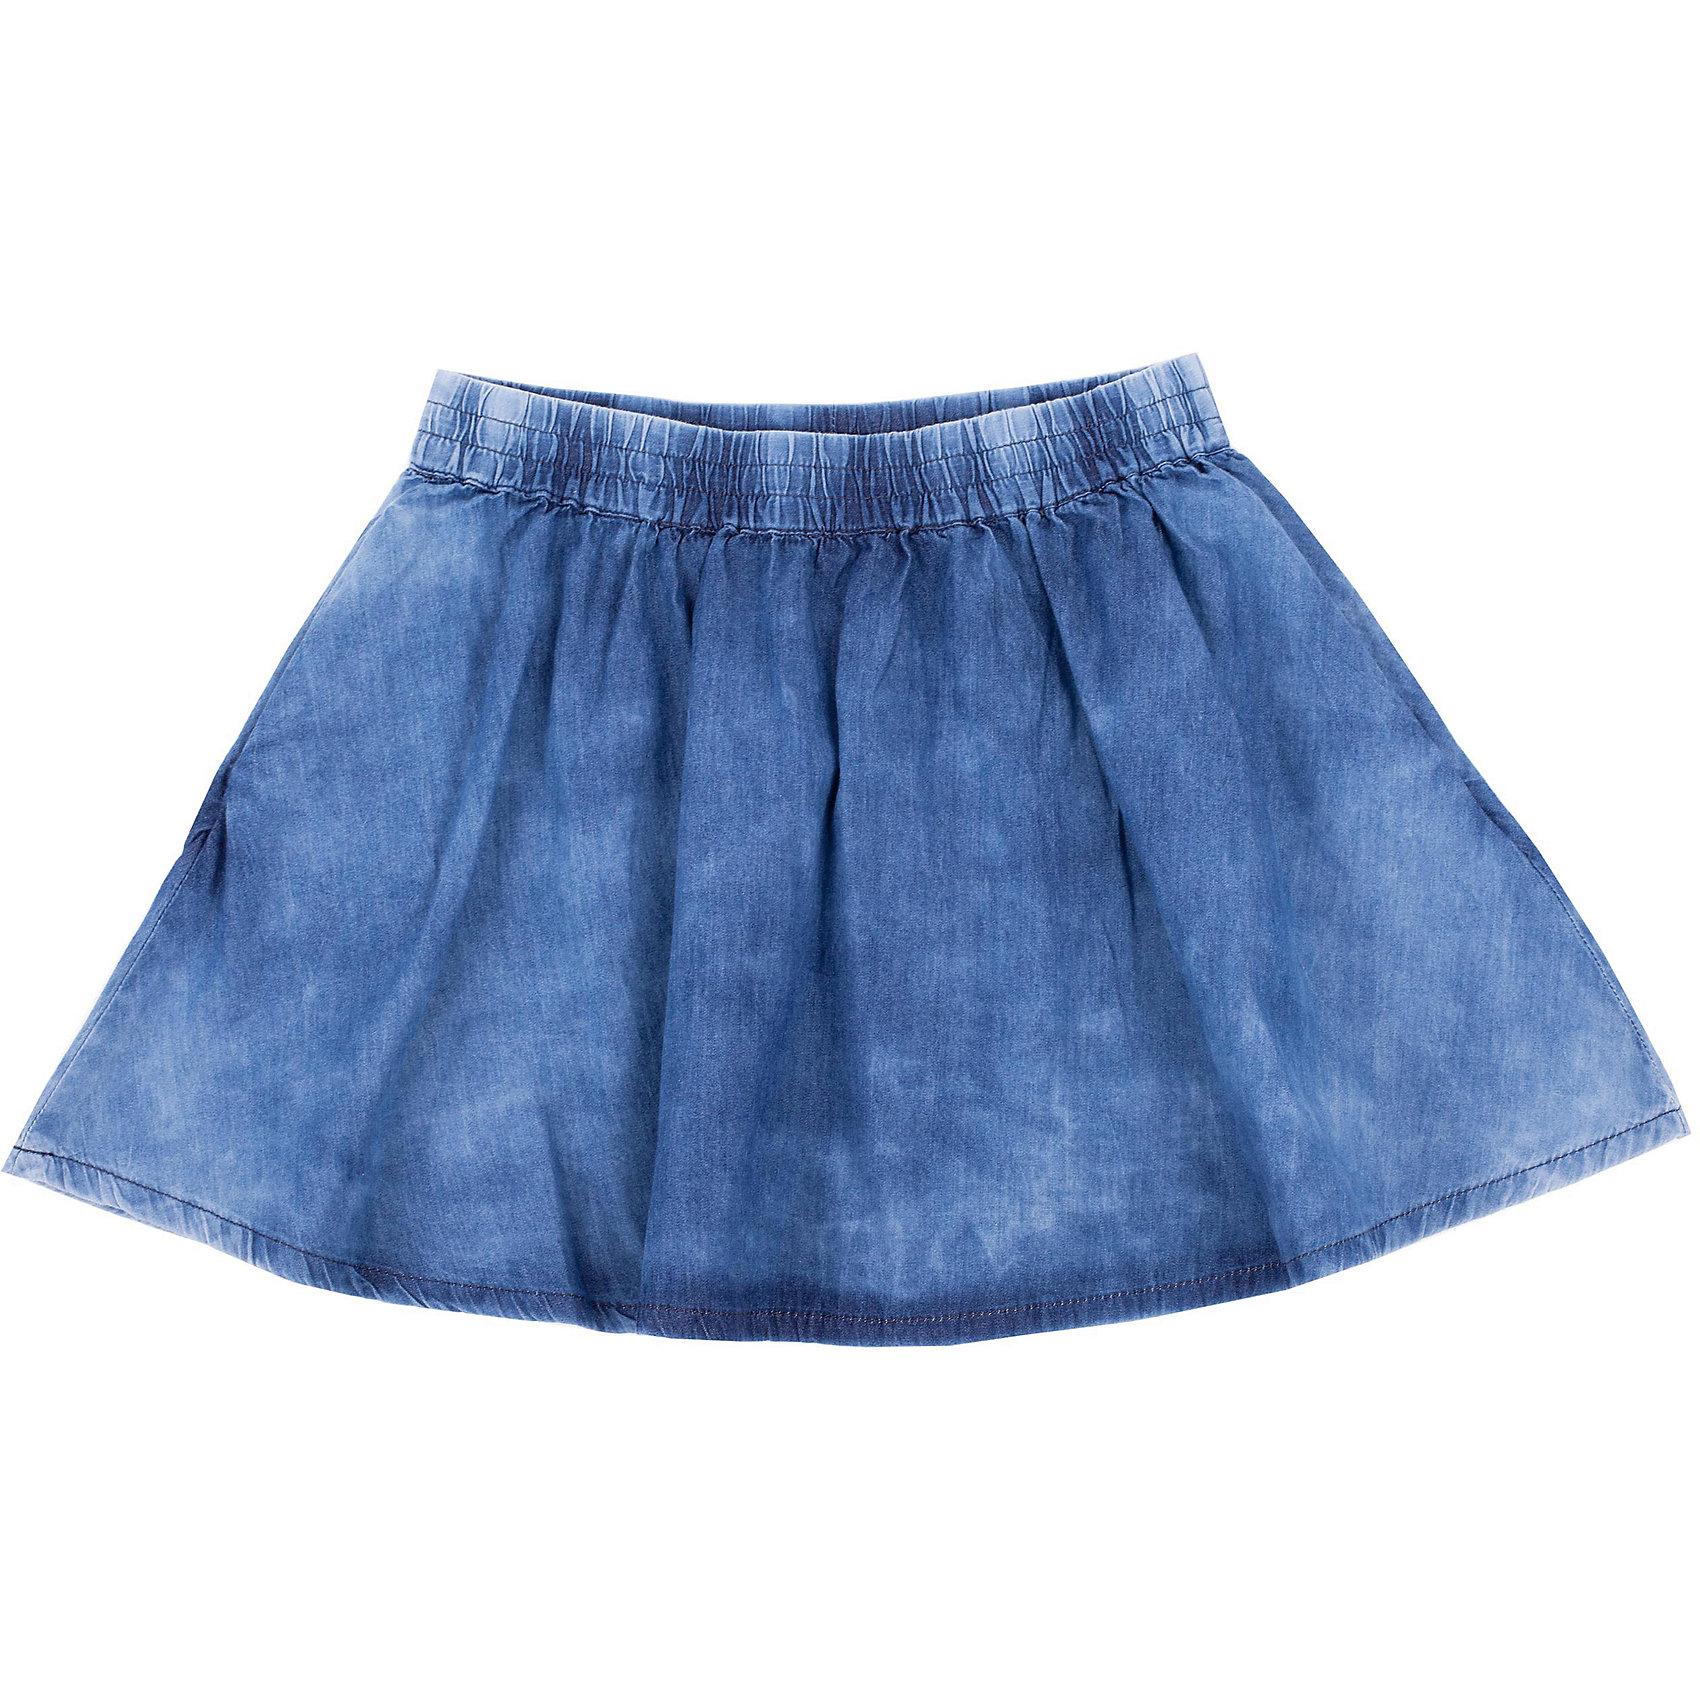 Юбка джинсовая для девочки GulliverЮбки<br>Джинсовая юбка для девочки - прекрасный вариант для жаркого лета. Тонкий деним, расклешенный силуэт, пояс на резинке, удобные карманы делают юбку незаменимой повседневной вещью в гардеробе ребенка. С блузкой, футболкой, топом юбка составит отличный летний комплект. Вы решали купить стильную юбку для девочки на каждый день? Эта модель - отличный выбор!<br>Состав:<br>100% хлопок<br><br>Ширина мм: 207<br>Глубина мм: 10<br>Высота мм: 189<br>Вес г: 183<br>Цвет: голубой<br>Возраст от месяцев: 120<br>Возраст до месяцев: 132<br>Пол: Женский<br>Возраст: Детский<br>Размер: 146,152,164,158<br>SKU: 4535053